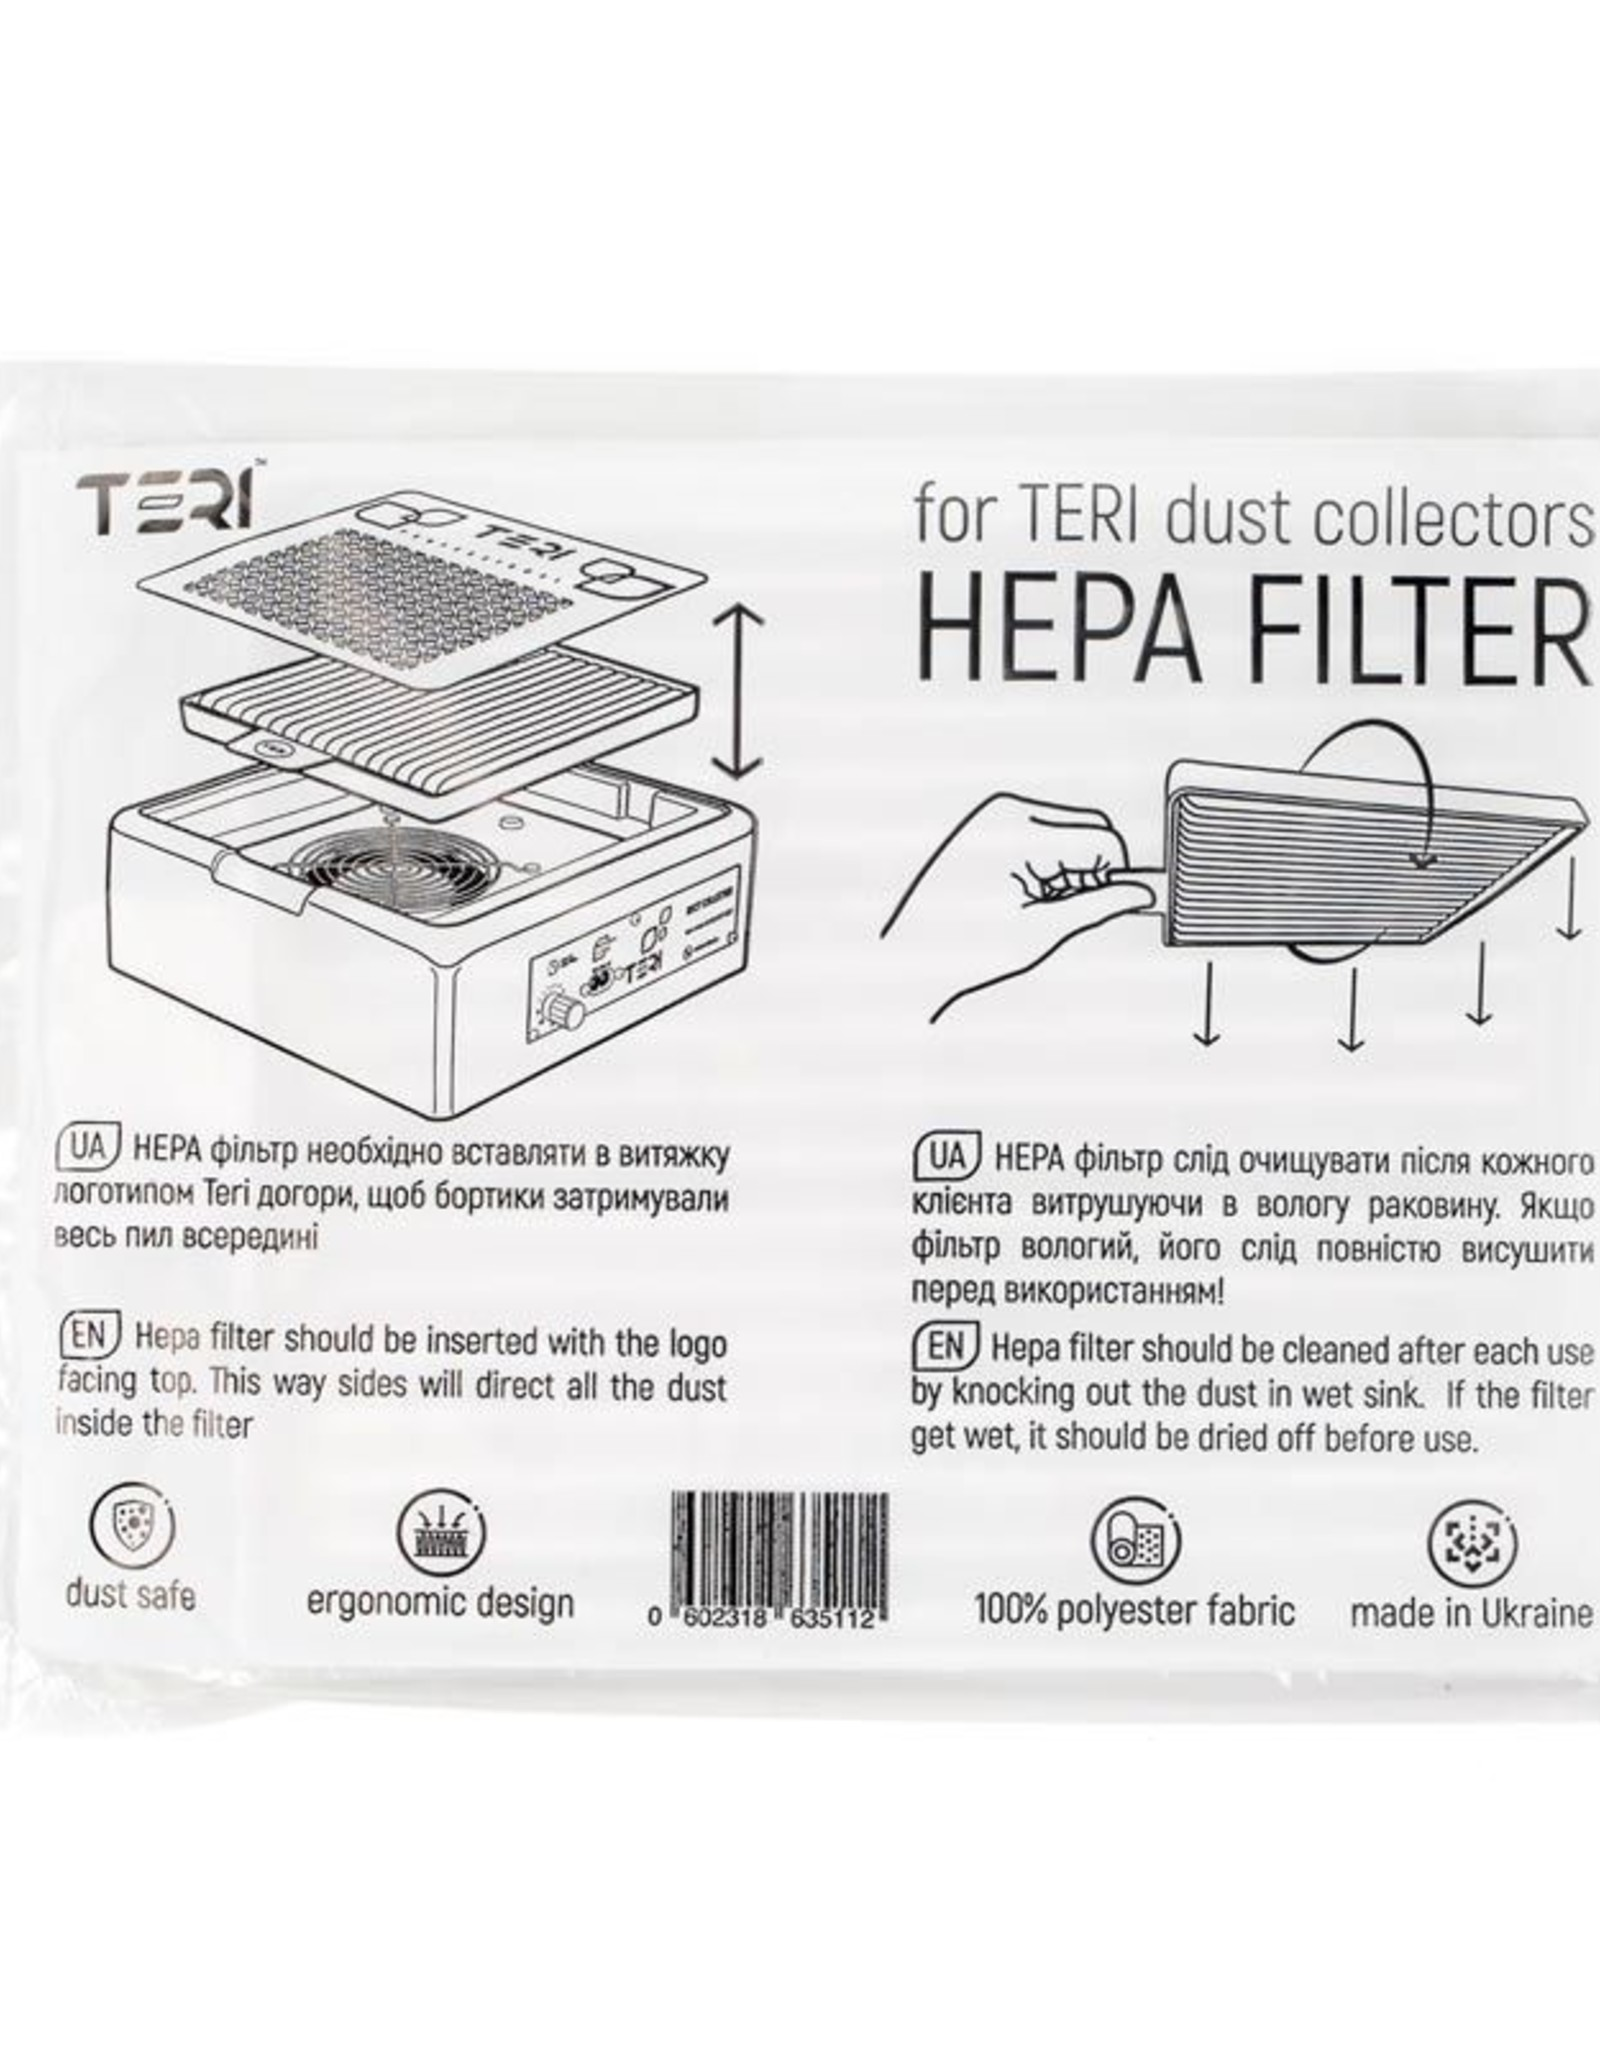 Filter Hepa Teri Turbo built-in